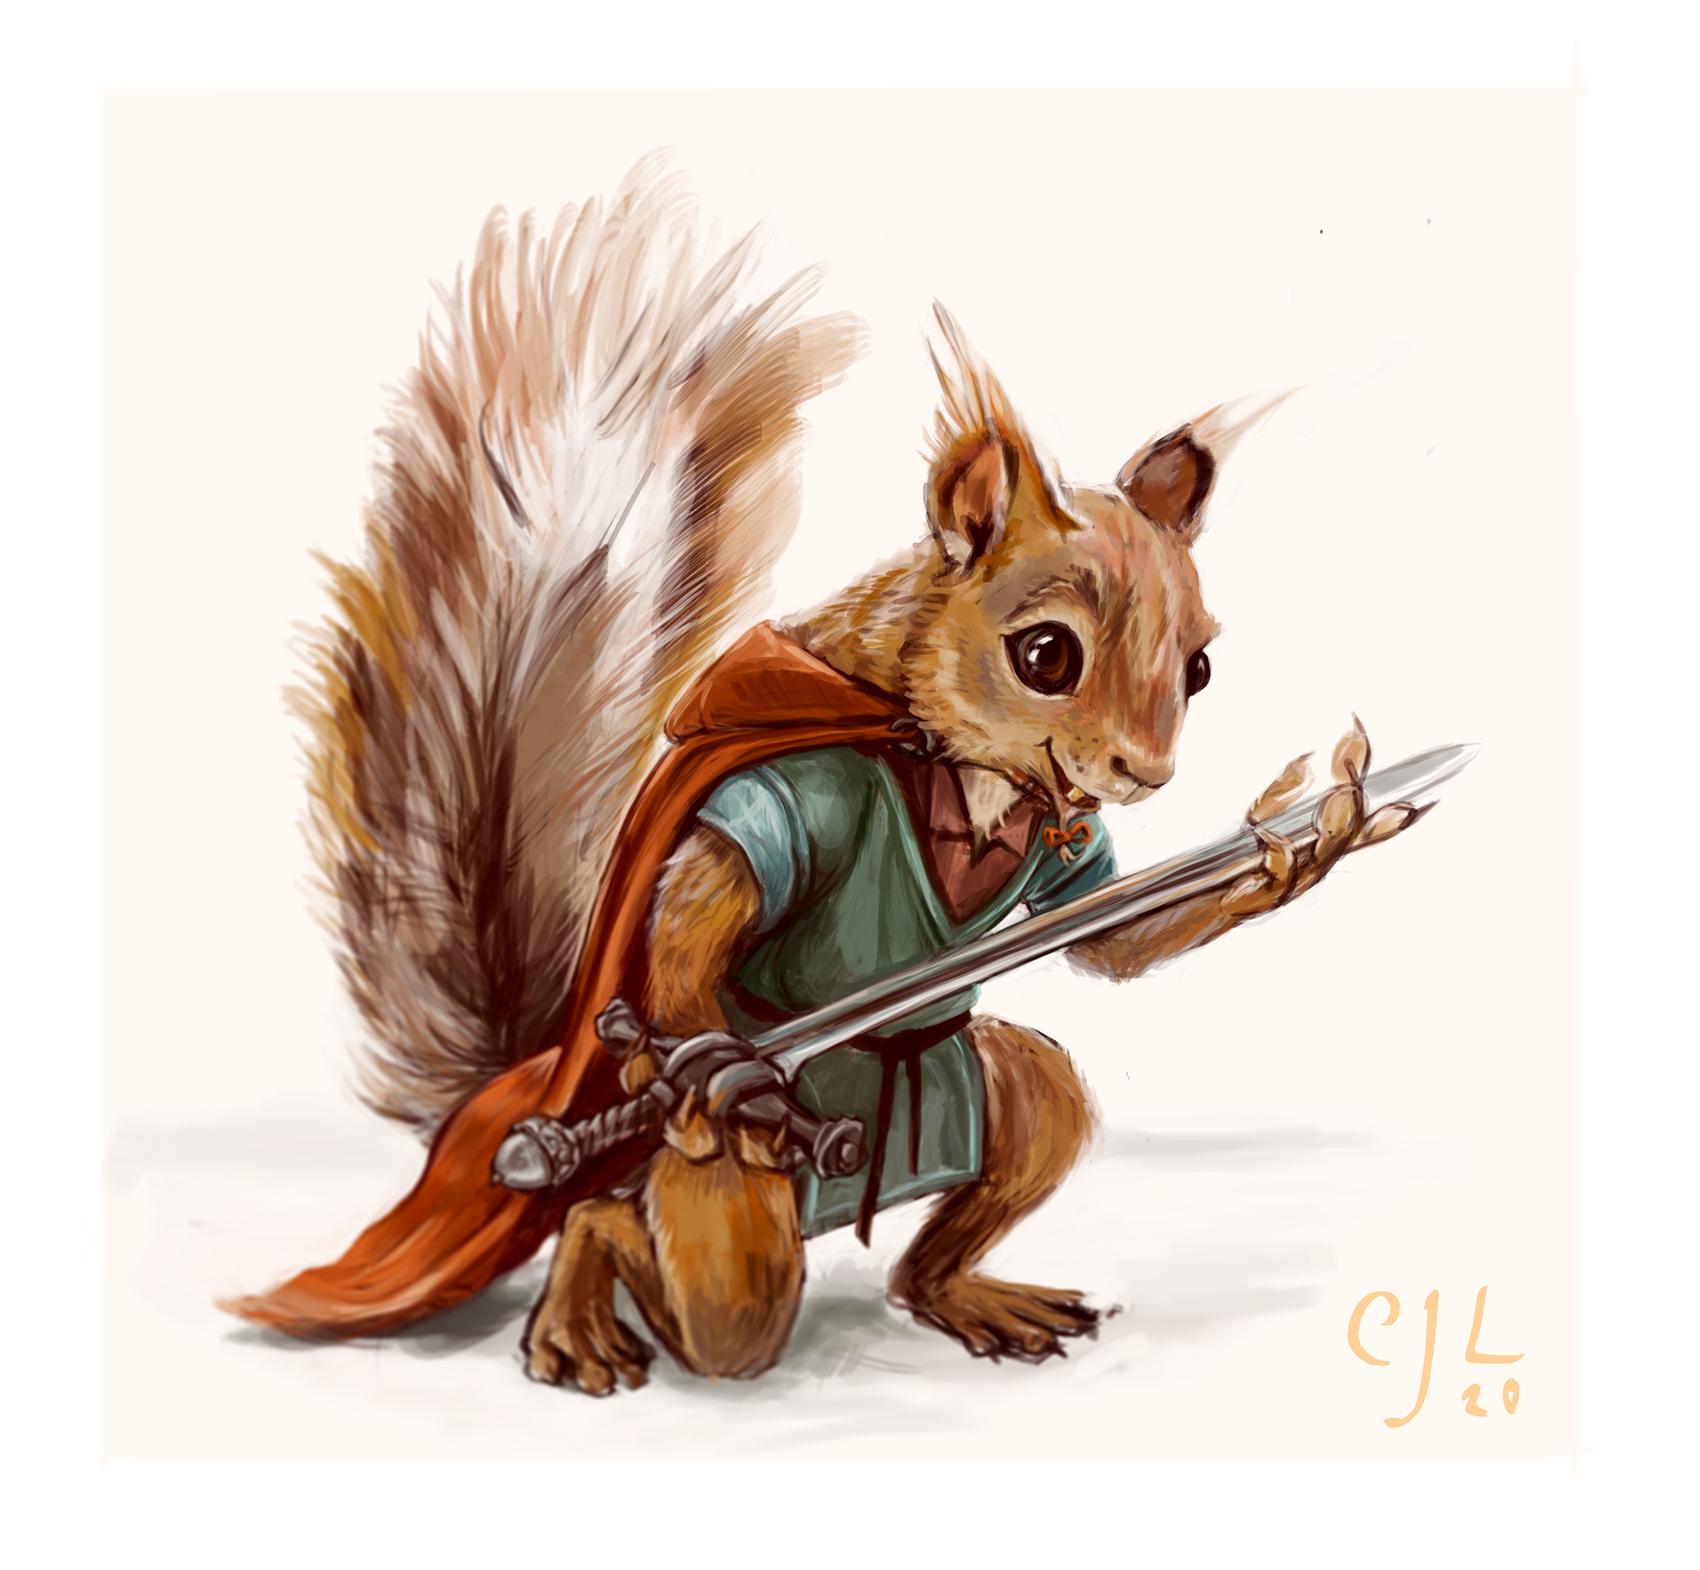 squiresquirrel_cc